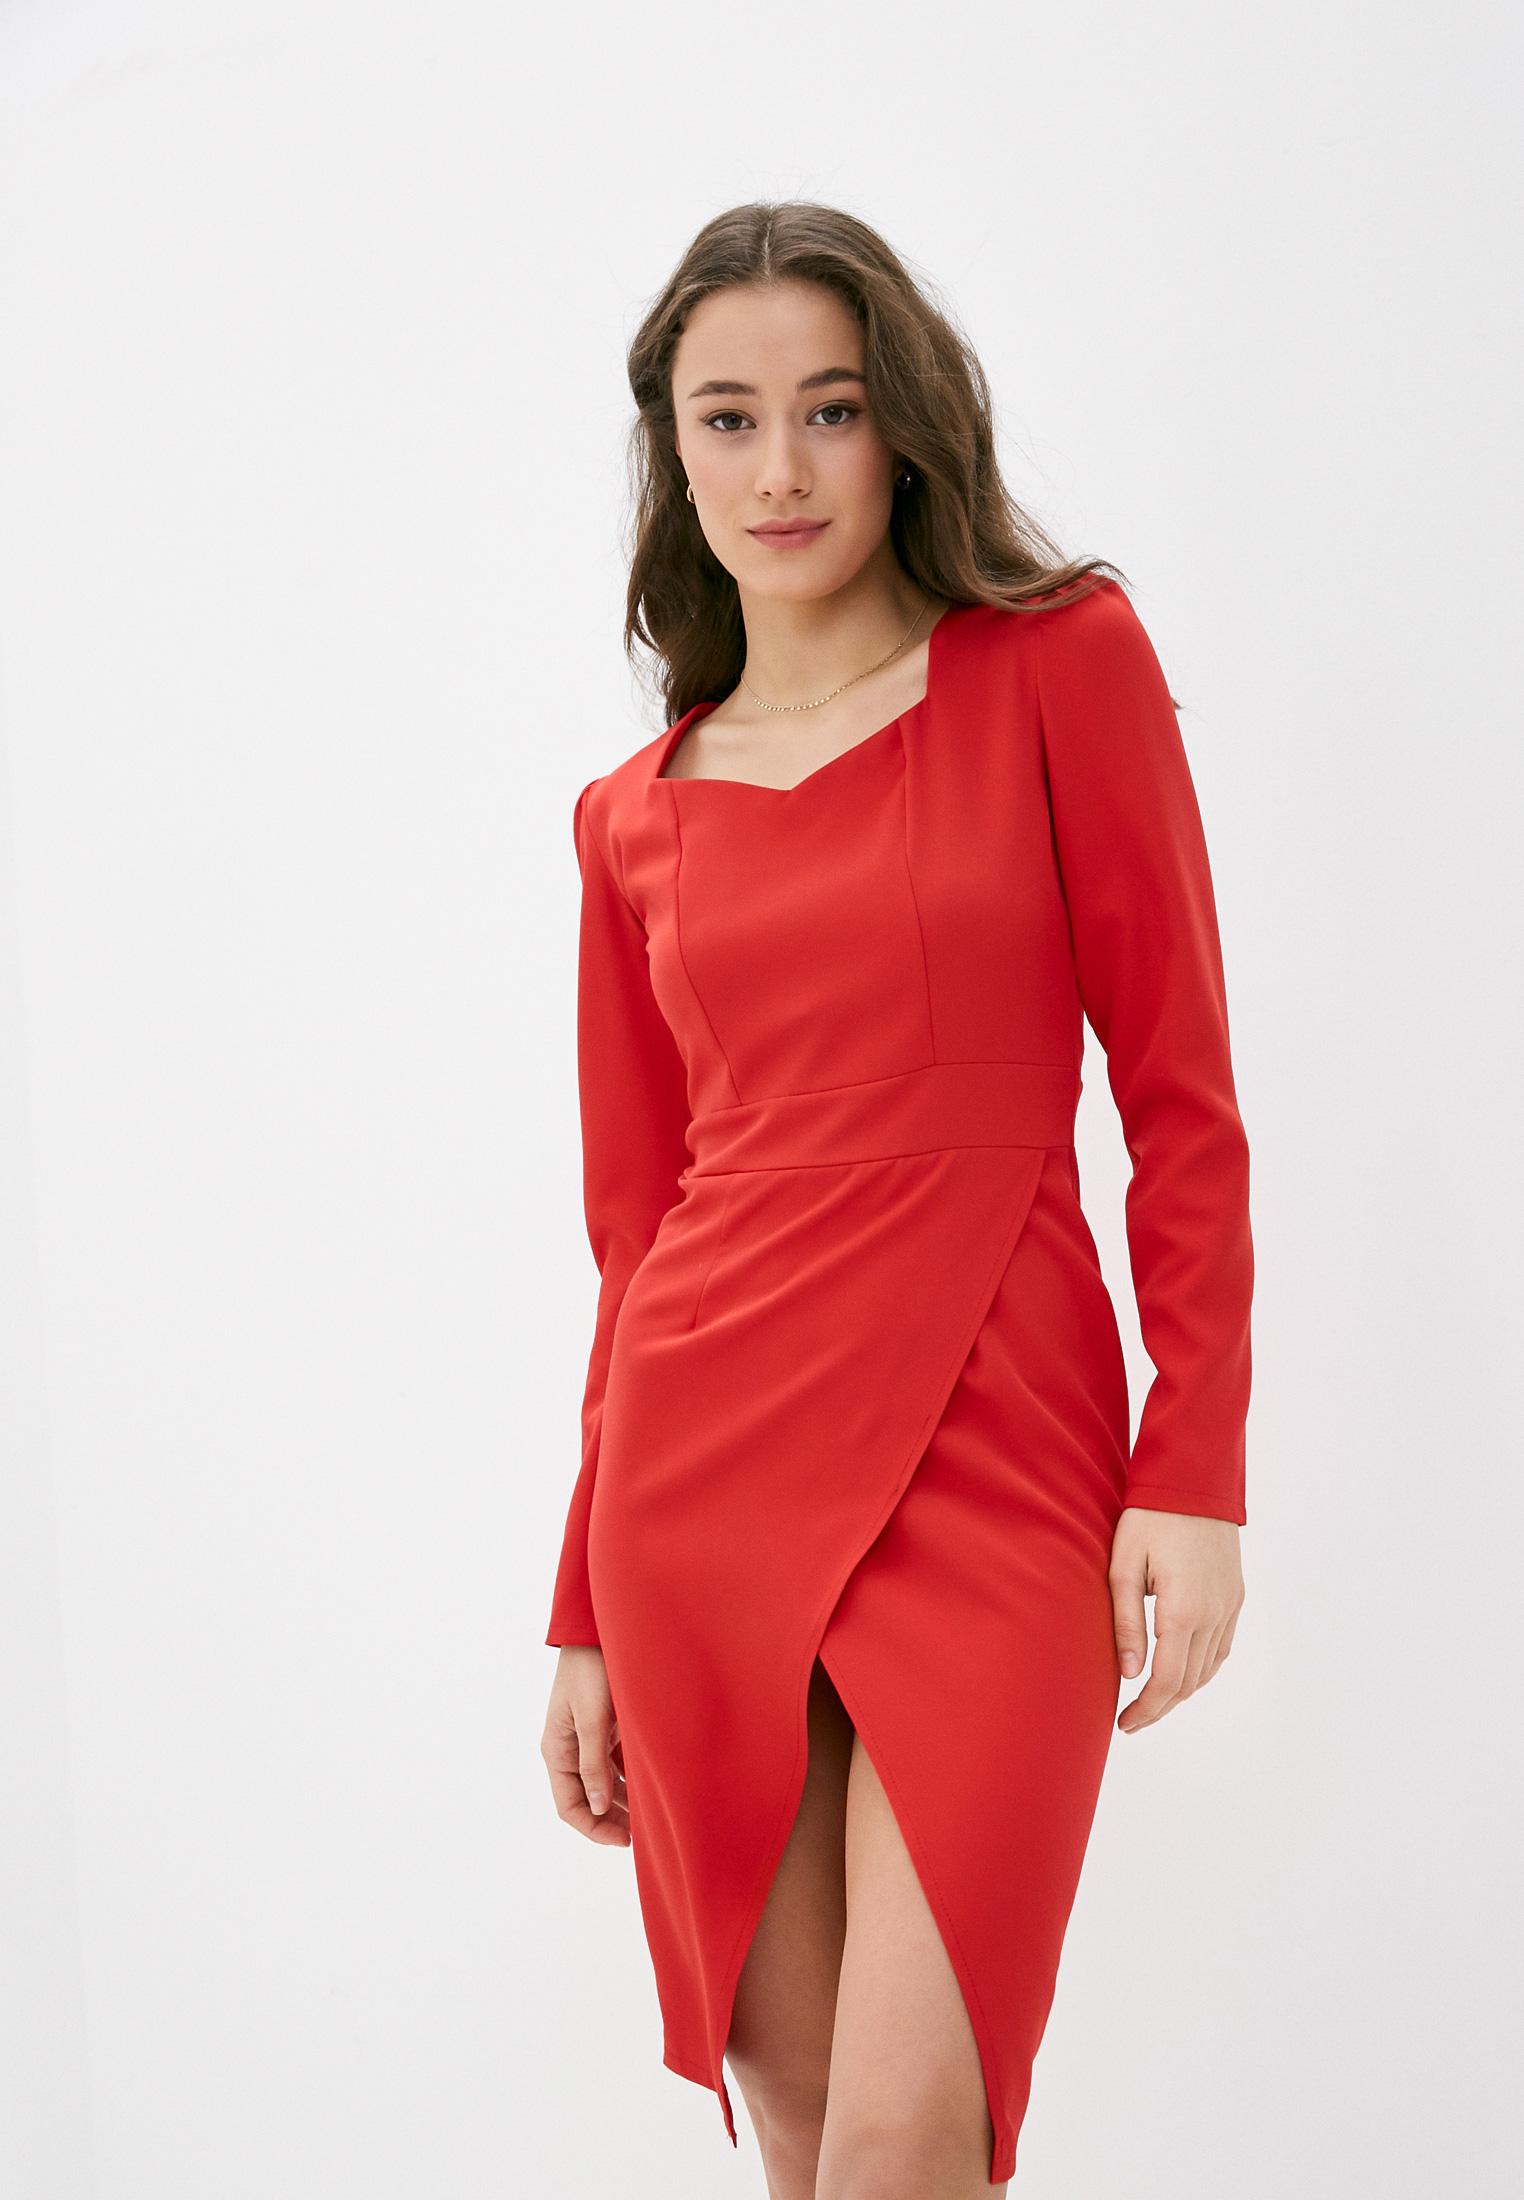 Платье Dunia DU21-12-1